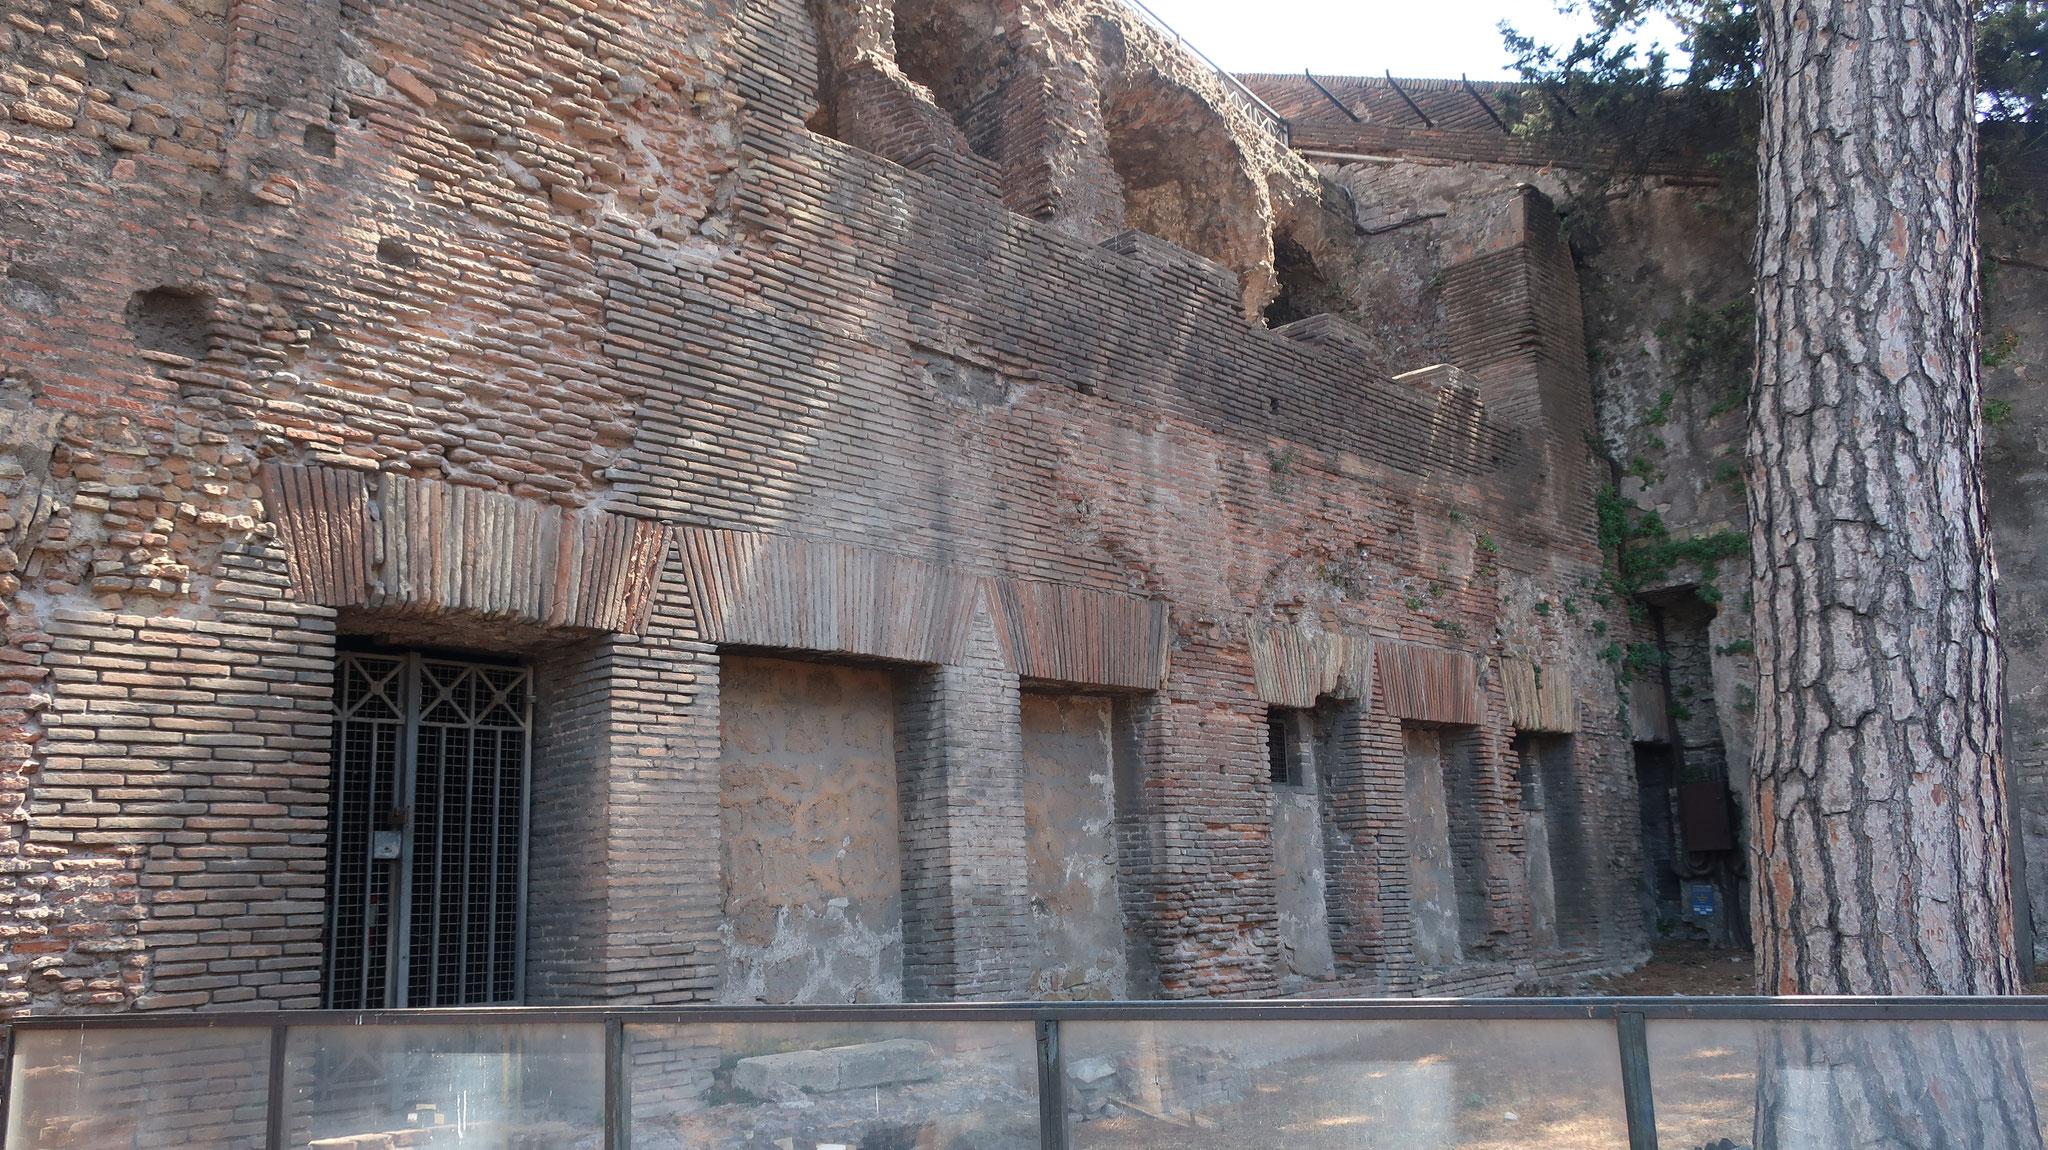 インスラ(島)と呼ばれる、2世紀の帝政期の4階建ての集合住宅。首都ローマの人口集中に伴い多く建てられました。